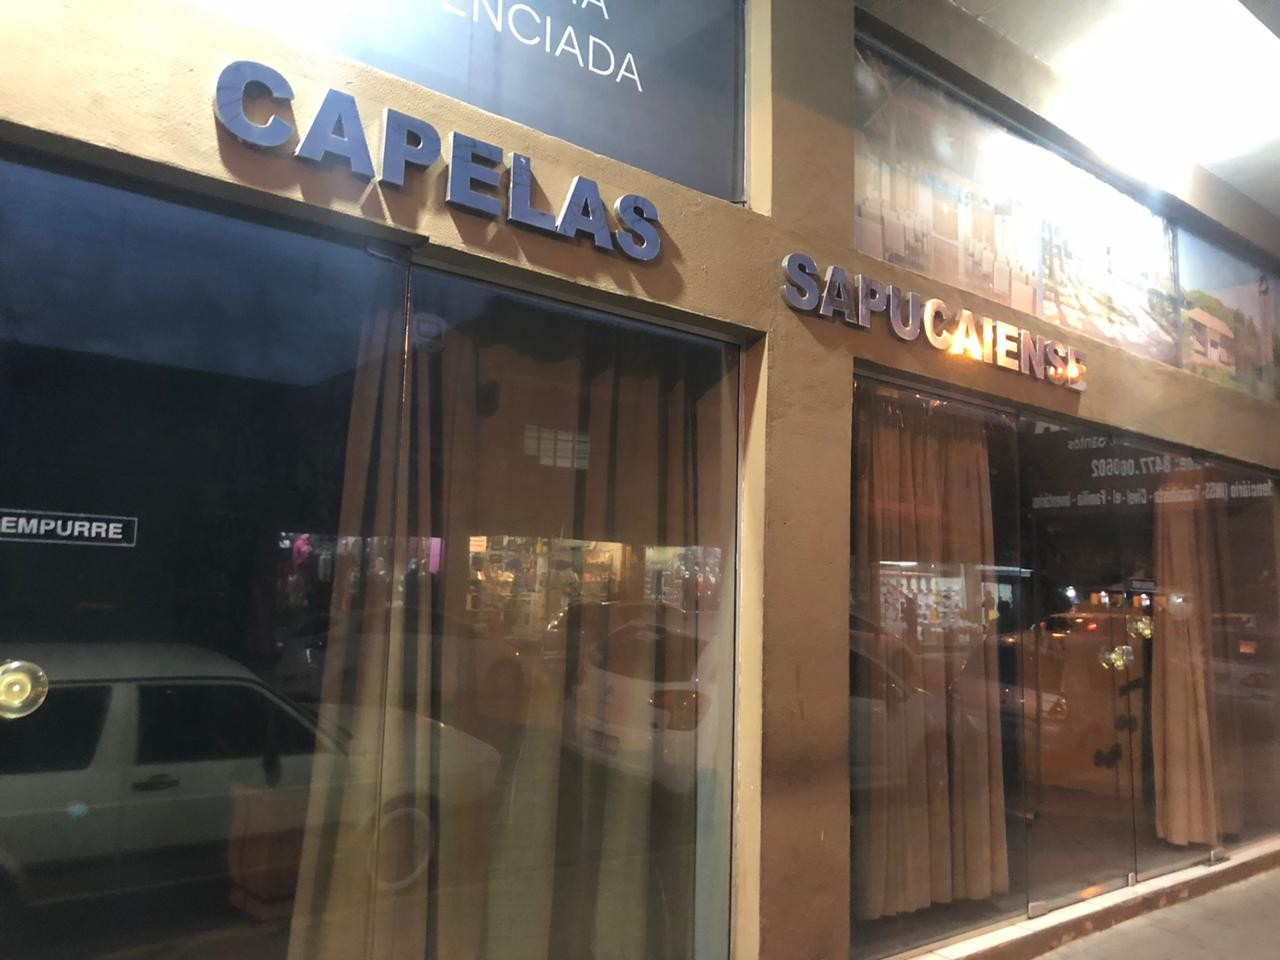 Morto por Covid-19 é velado com caixão aberto em Sapucaia do Sul; família diz não ter sido informada